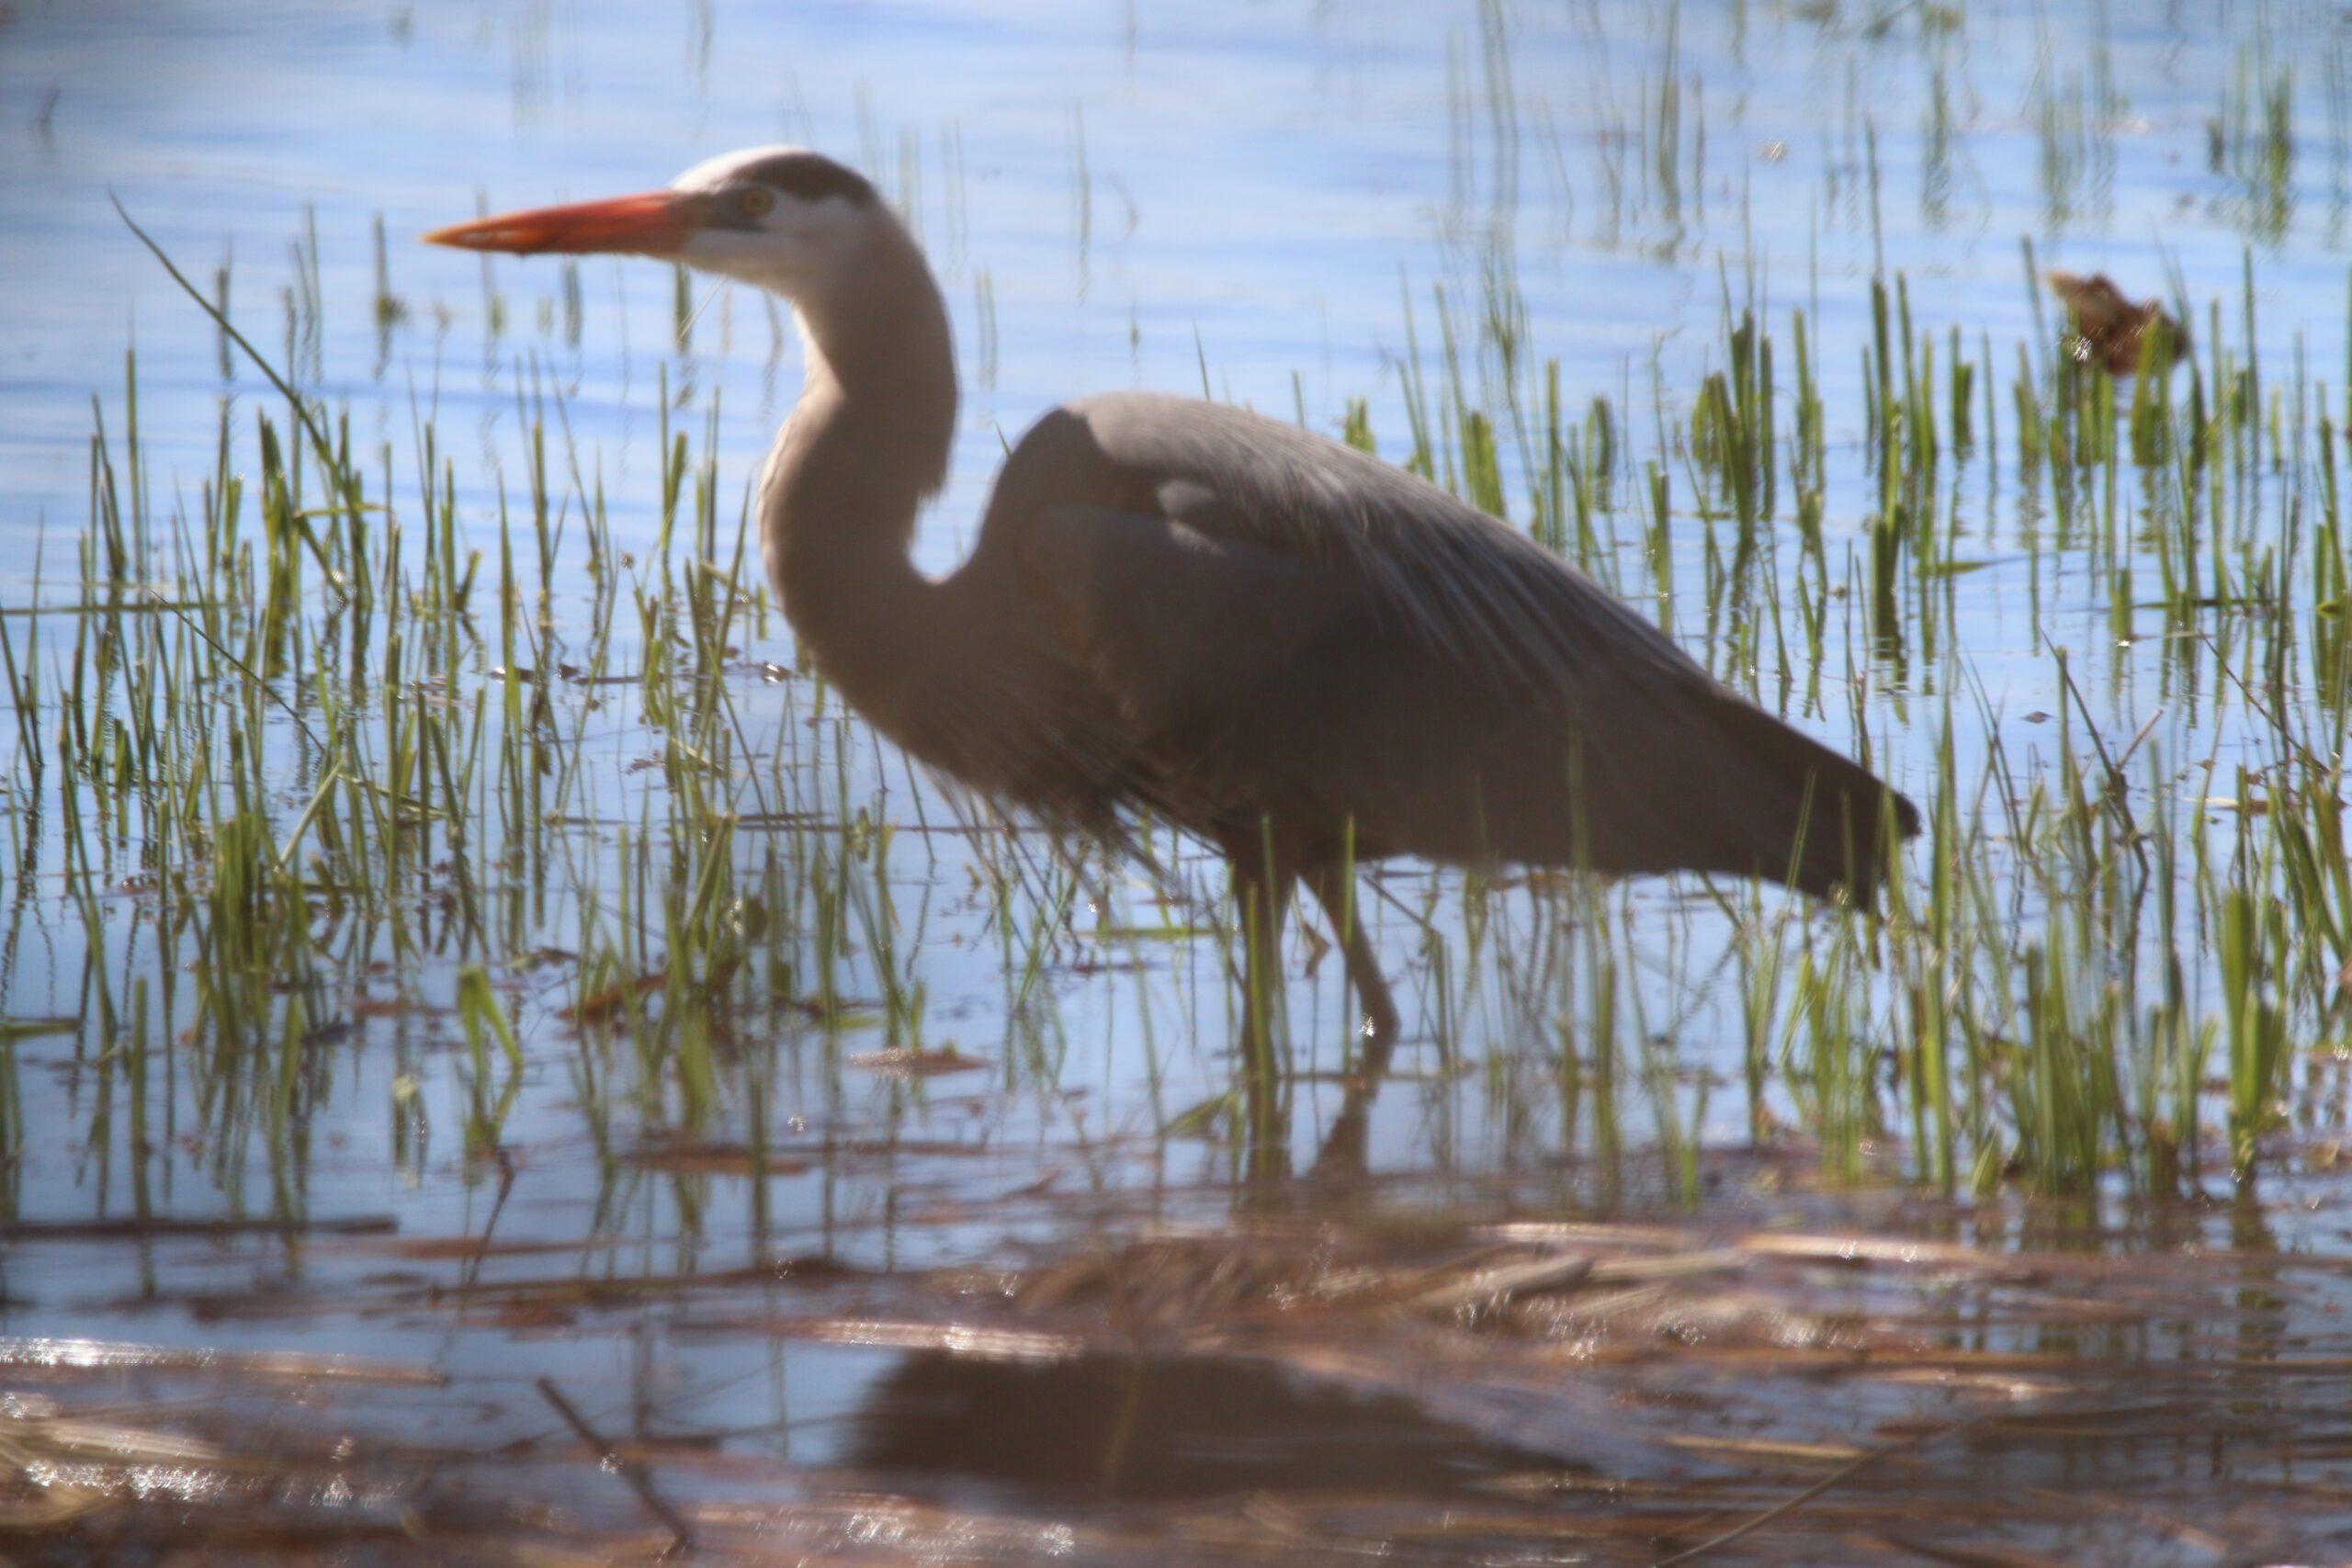 Massebesic Lake - Loon/Crane Habitat 3